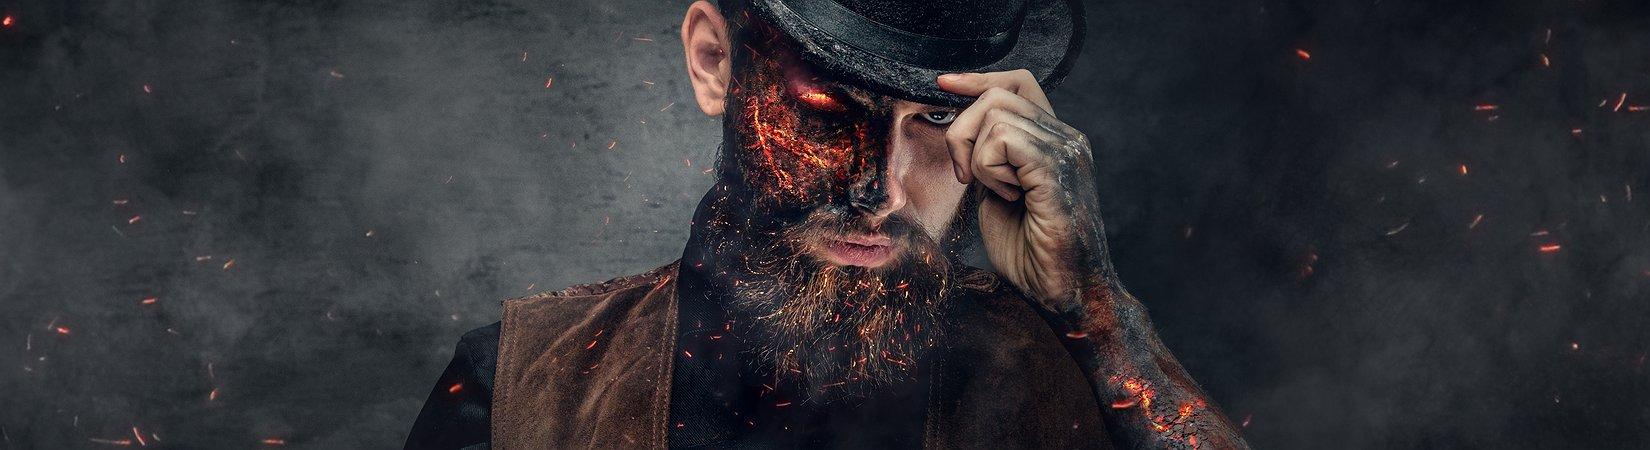 «Финансовый словарь дьявола»: 20 терминов, которые должен знать каждый инвестор